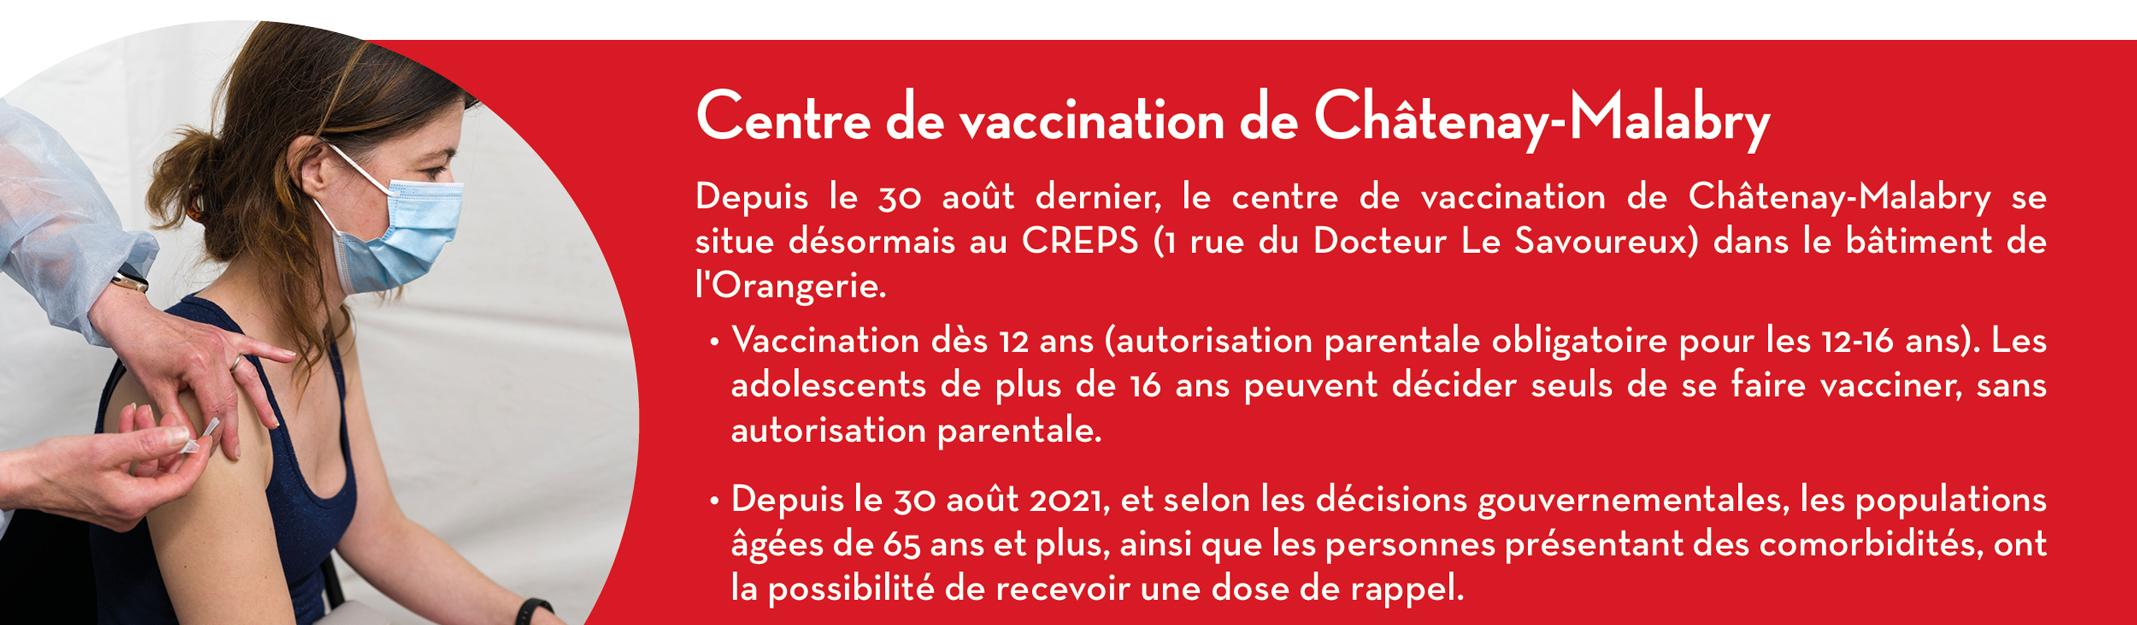 Centre de vaccination de Châtenay-Malabry